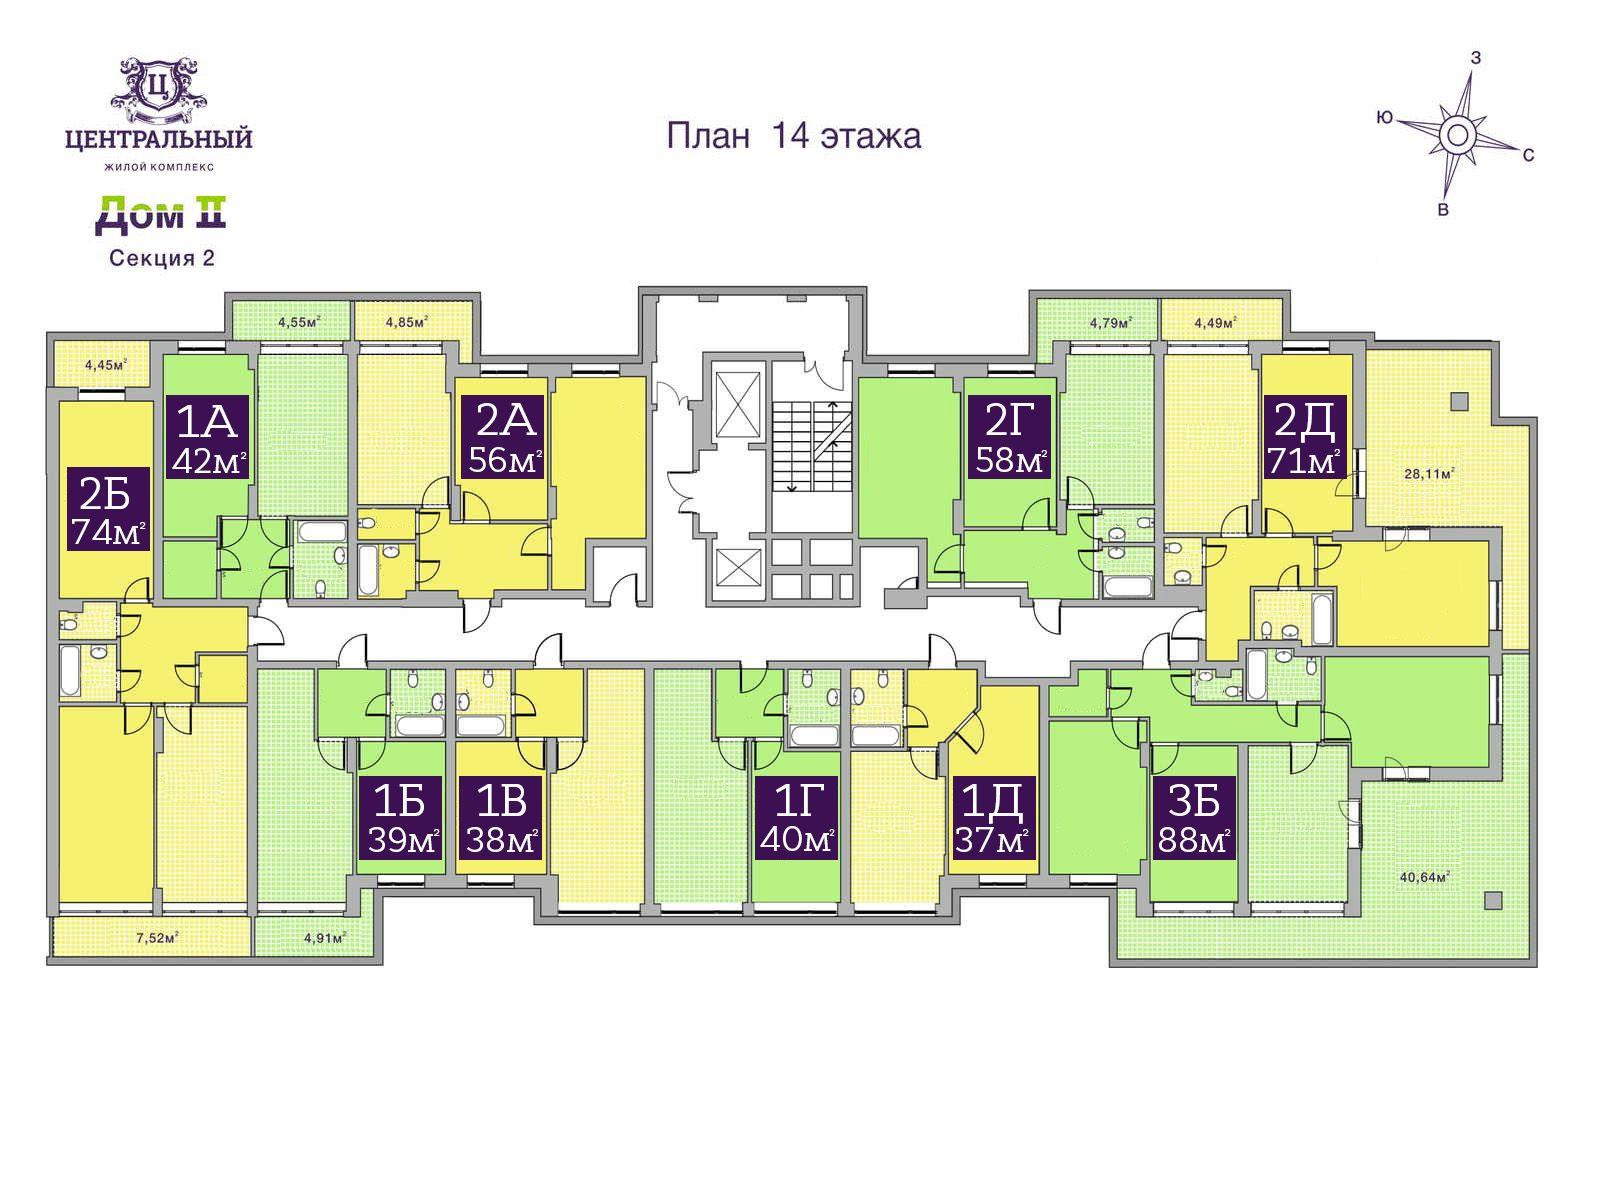 Дом 2. Секция 2. 14 этаж